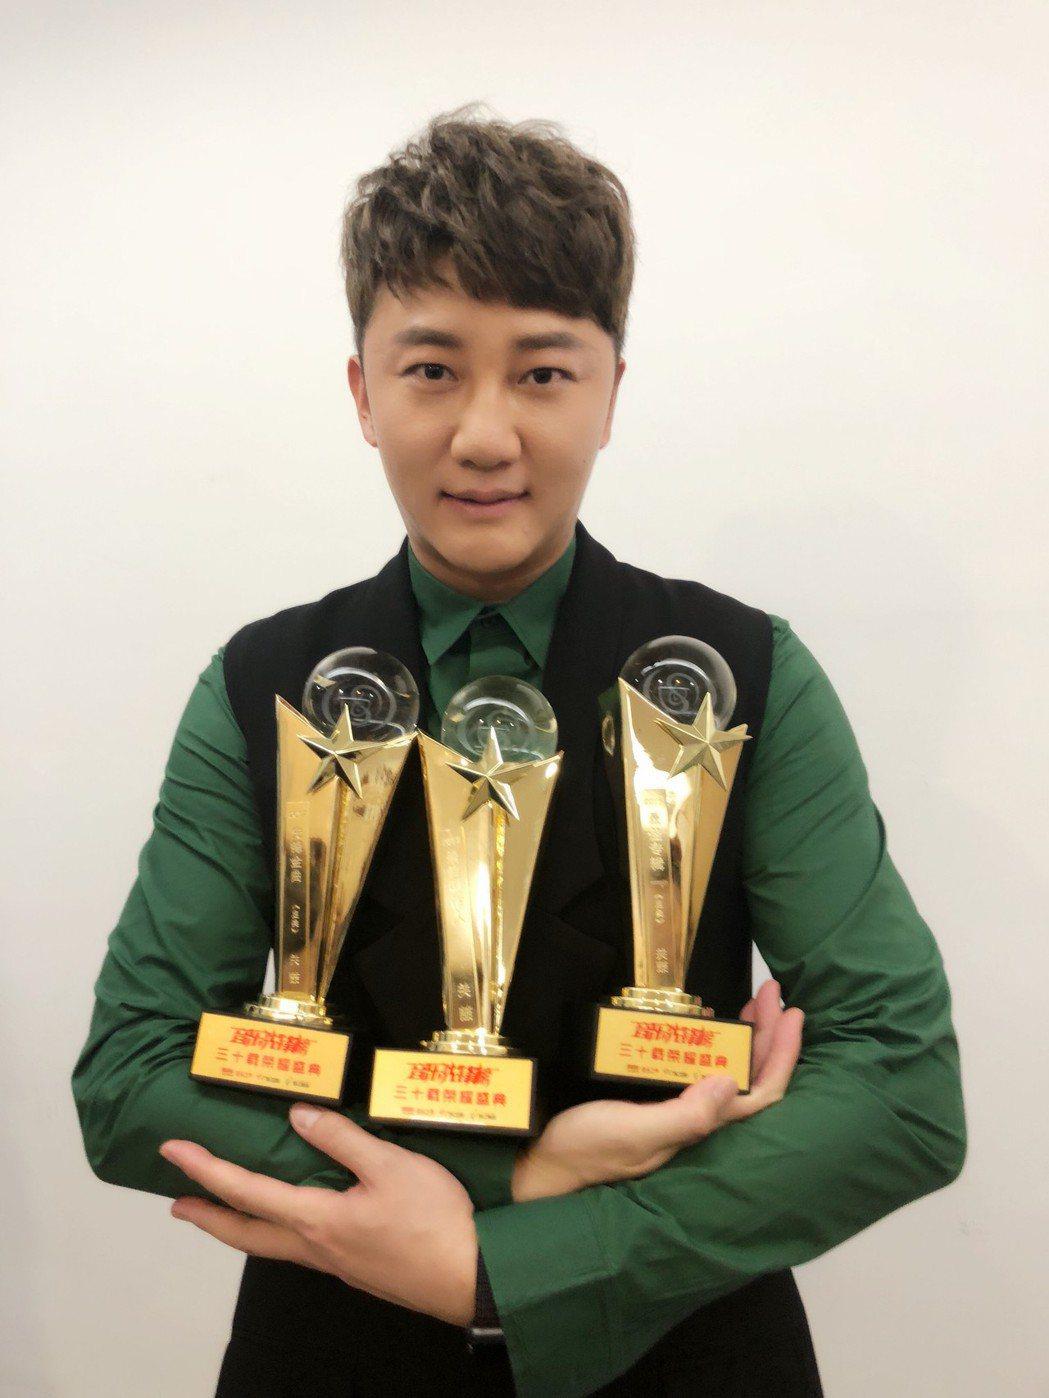 關喆在「音樂先鋒榜三十載榮耀盛典」奪3大獎。圖/華納提供